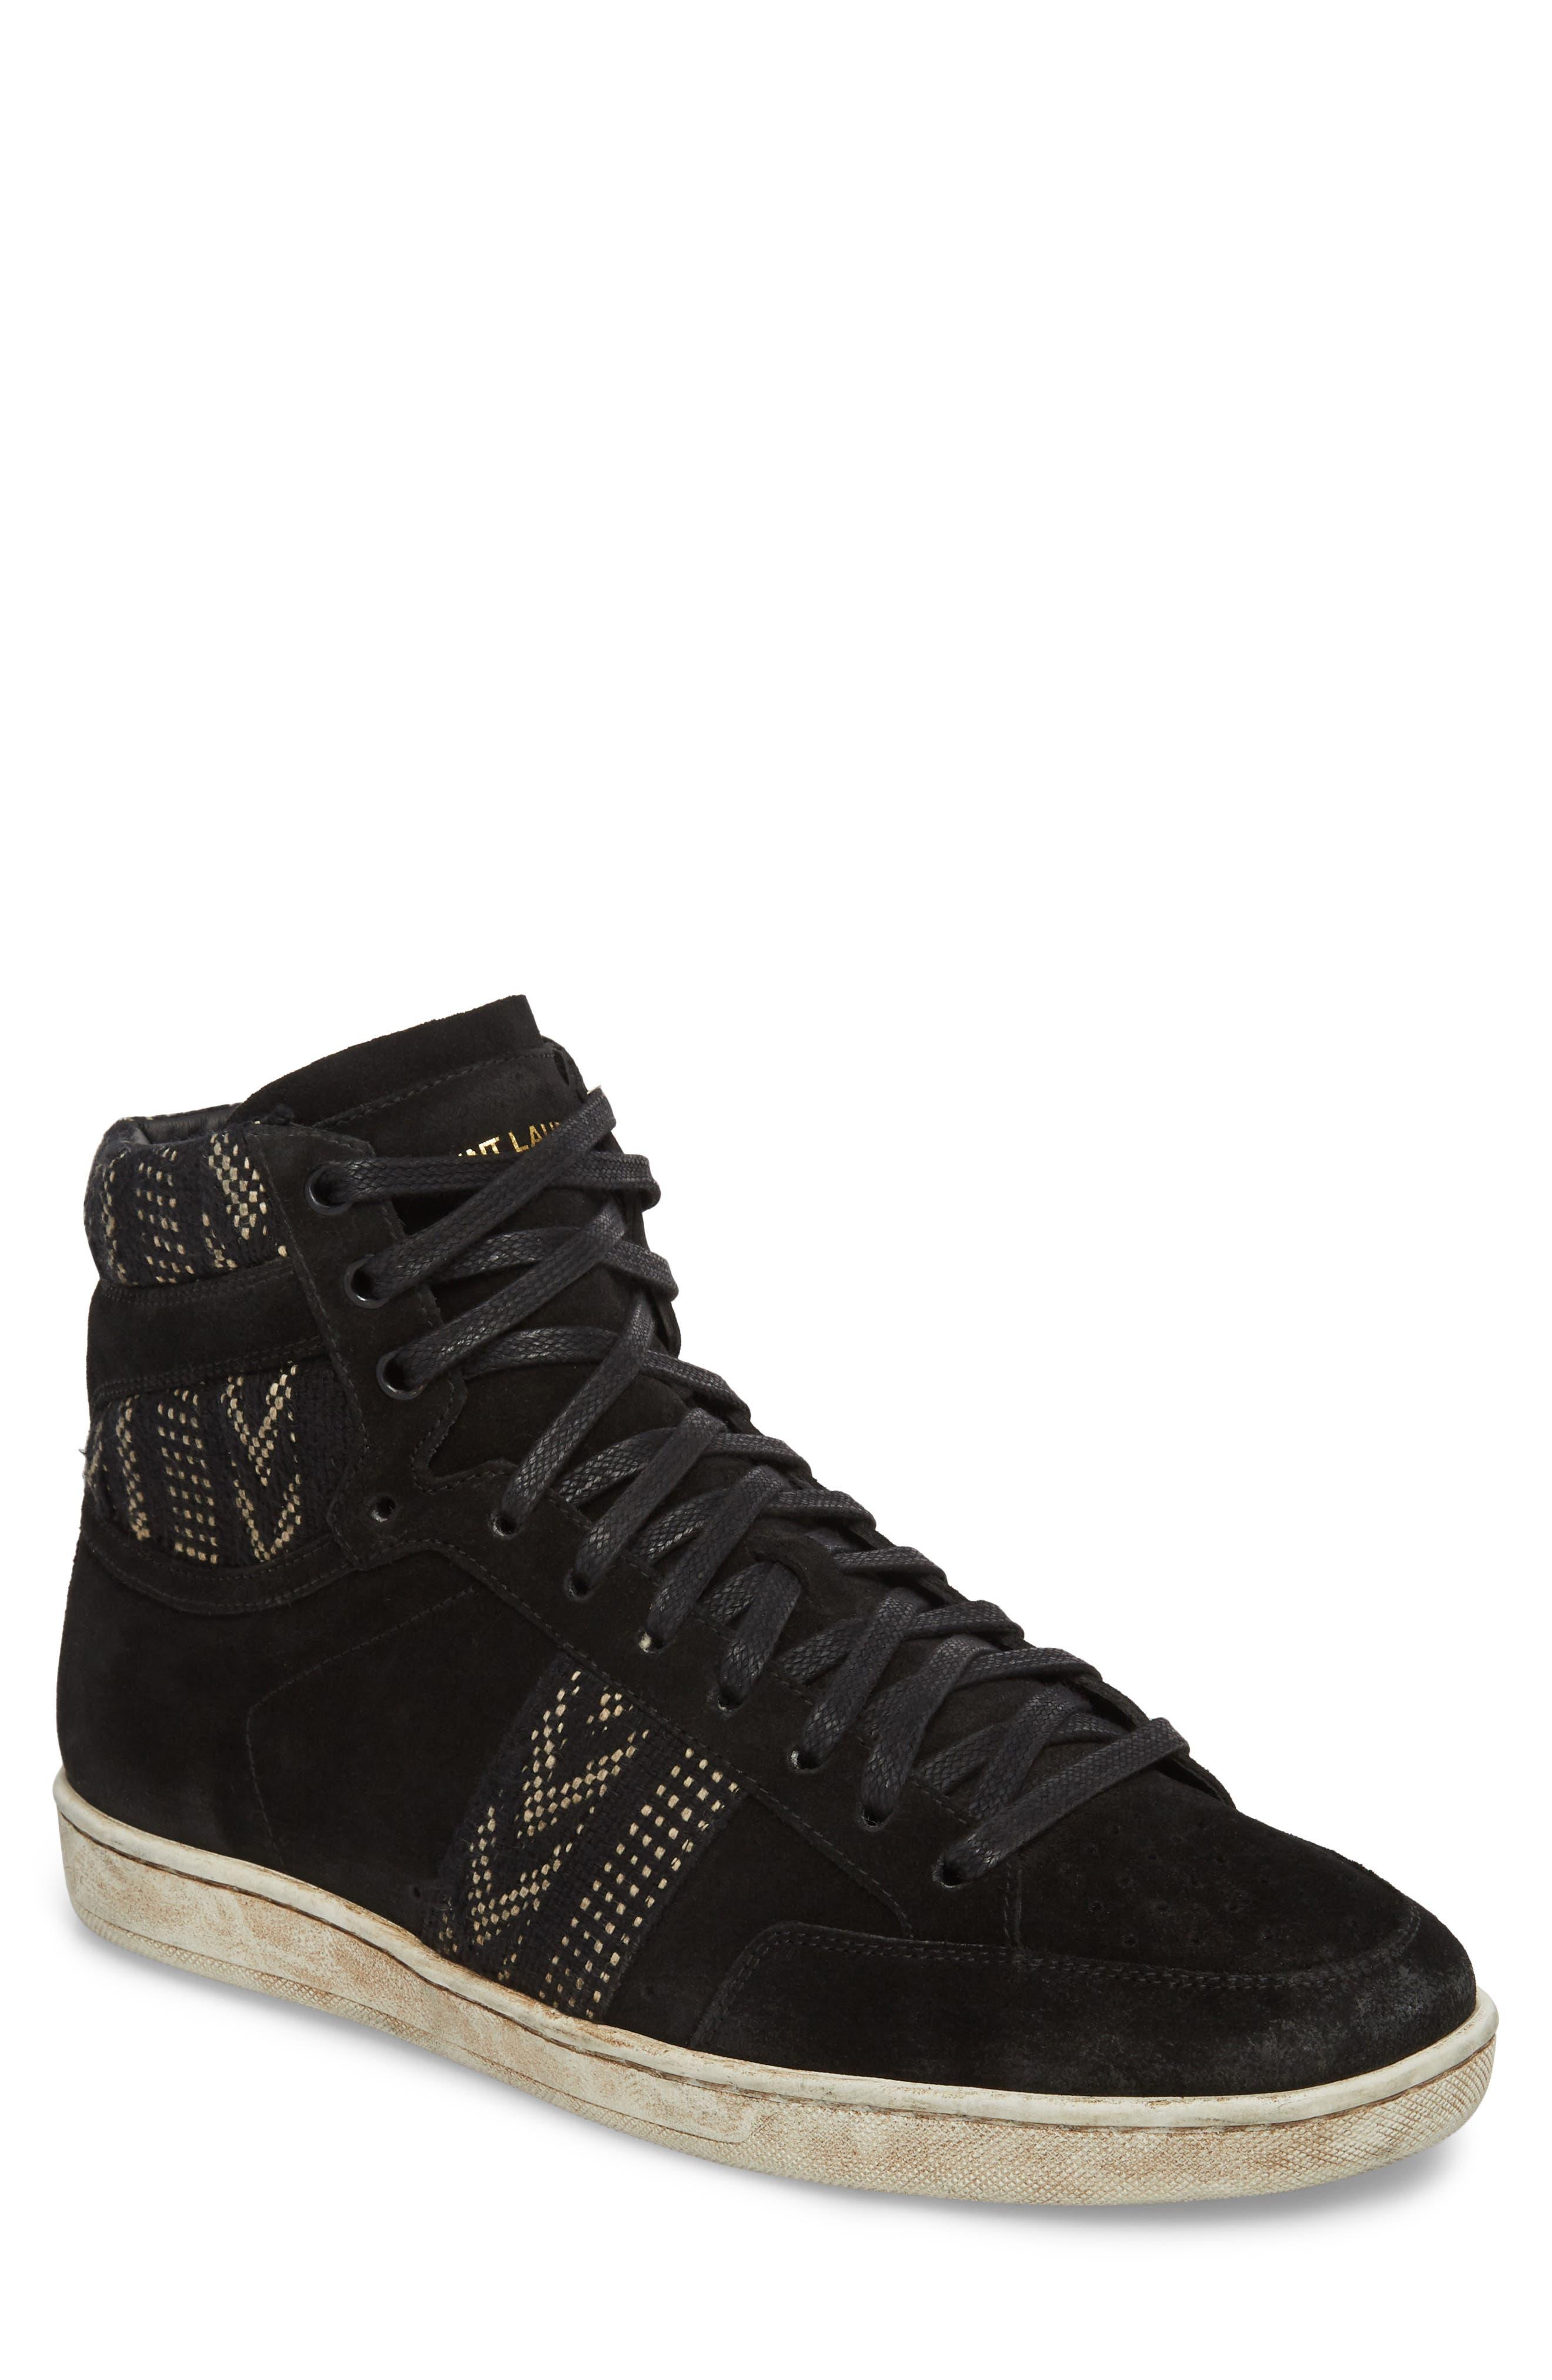 Saint Laurent High Top Sneaker (Men)